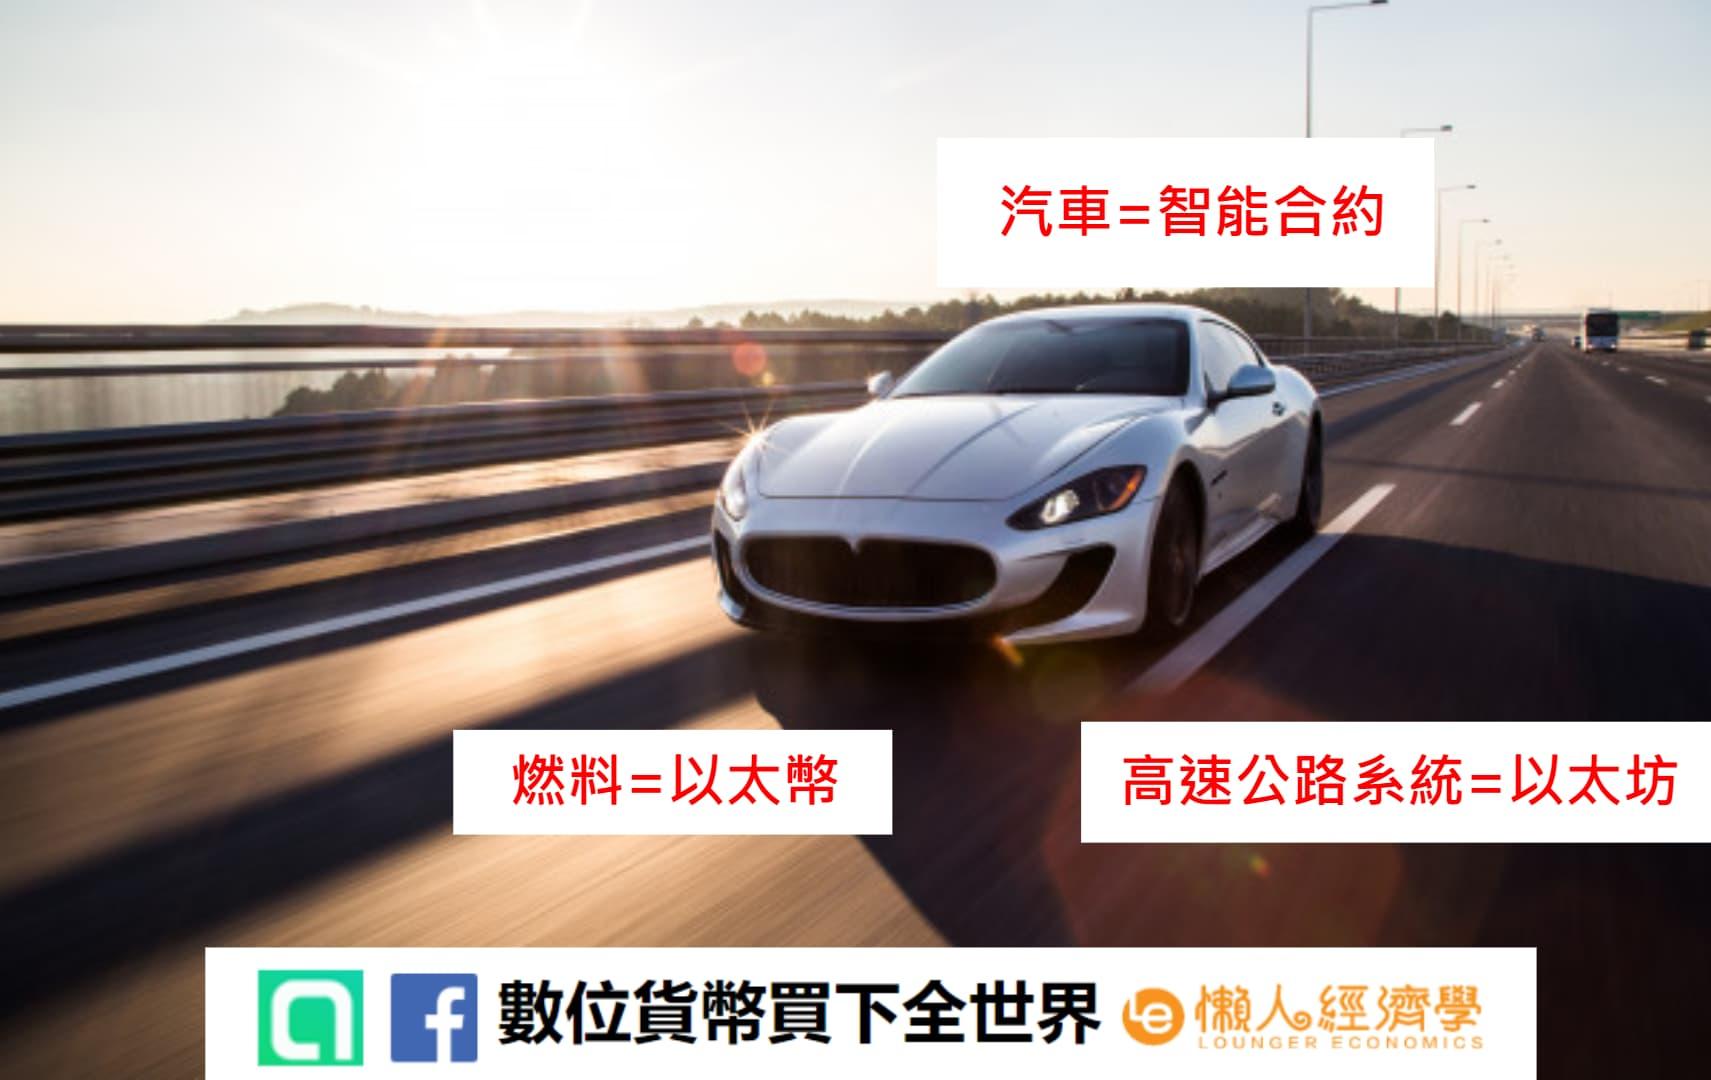 將以太坊、智能合約、以太幣比喻作高速公路系統、汽車和燃料